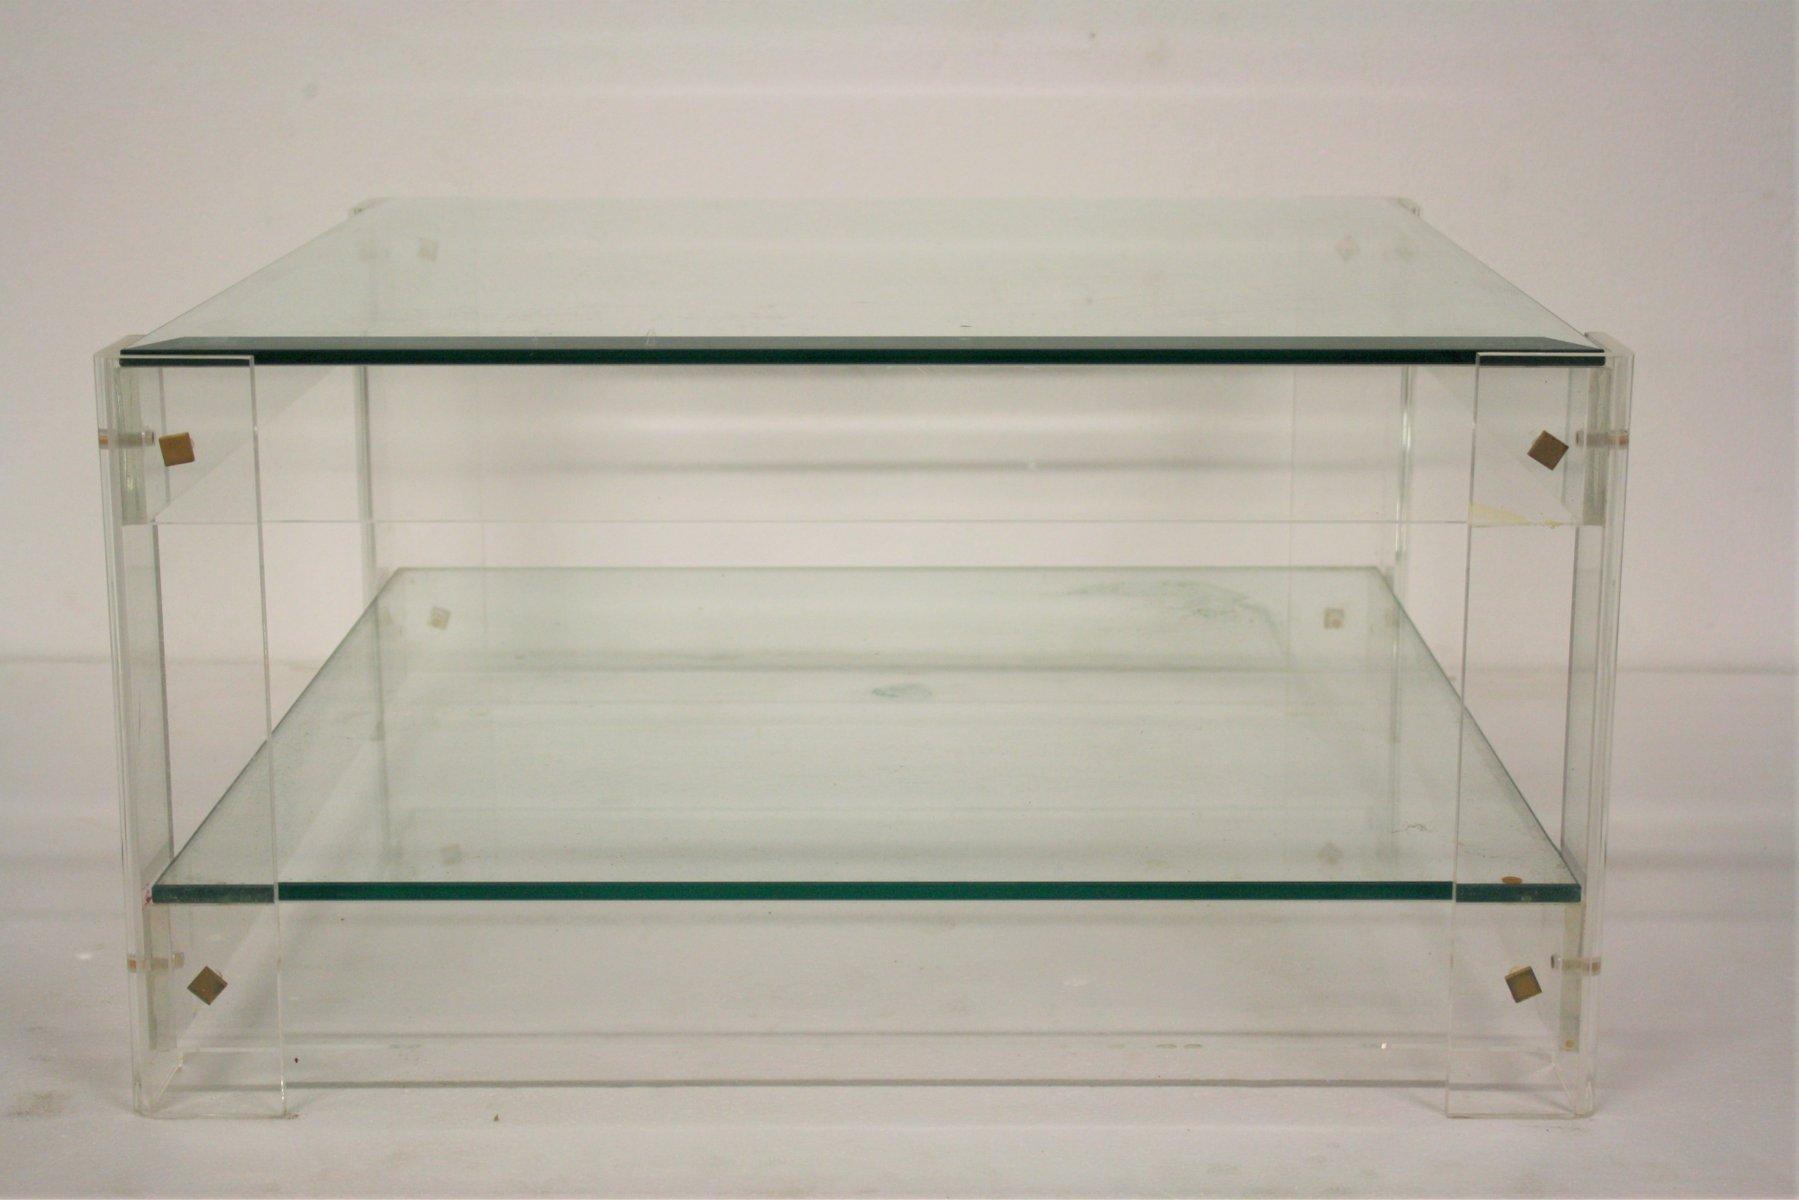 Vintage Couchtisch aus Plexiglas & Glas, 1970er